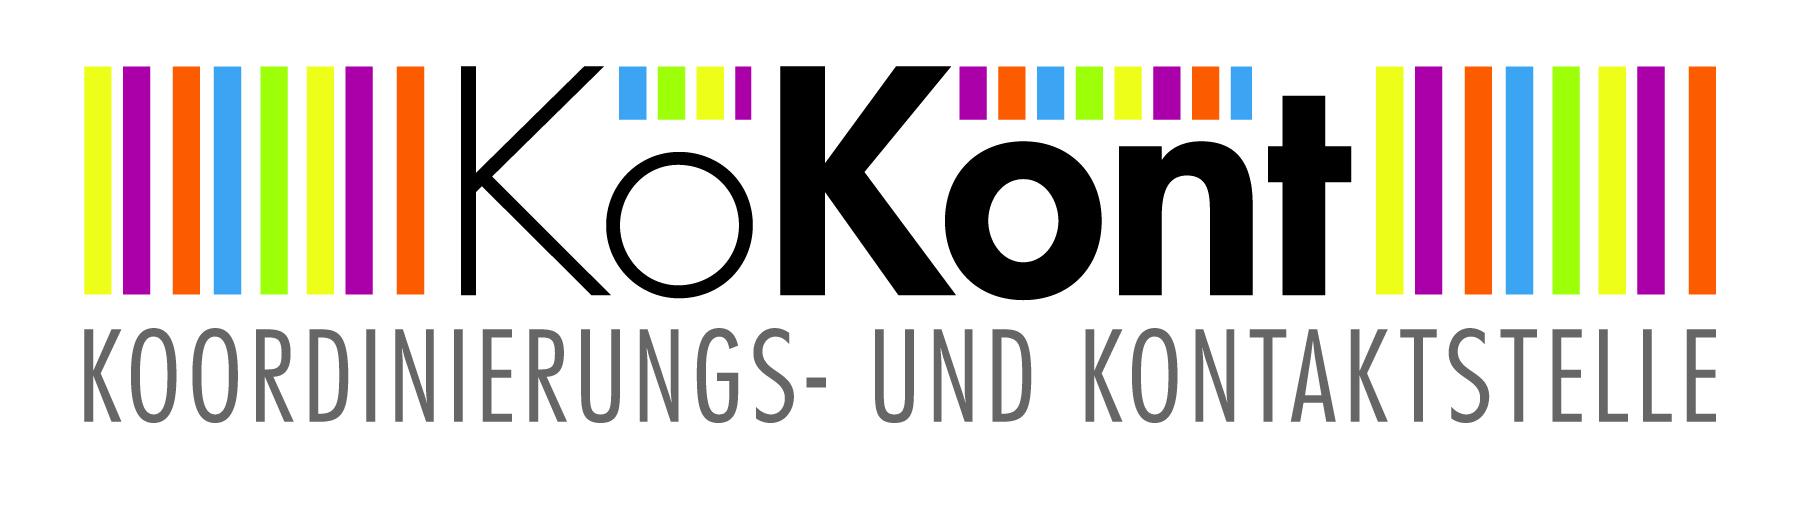 gefördert durch KoKont Jena - Das Stadtprogramm gegen Fremdenfeindlichkeit, Rechtsextremismus, Antisemitismus und Intoleranz